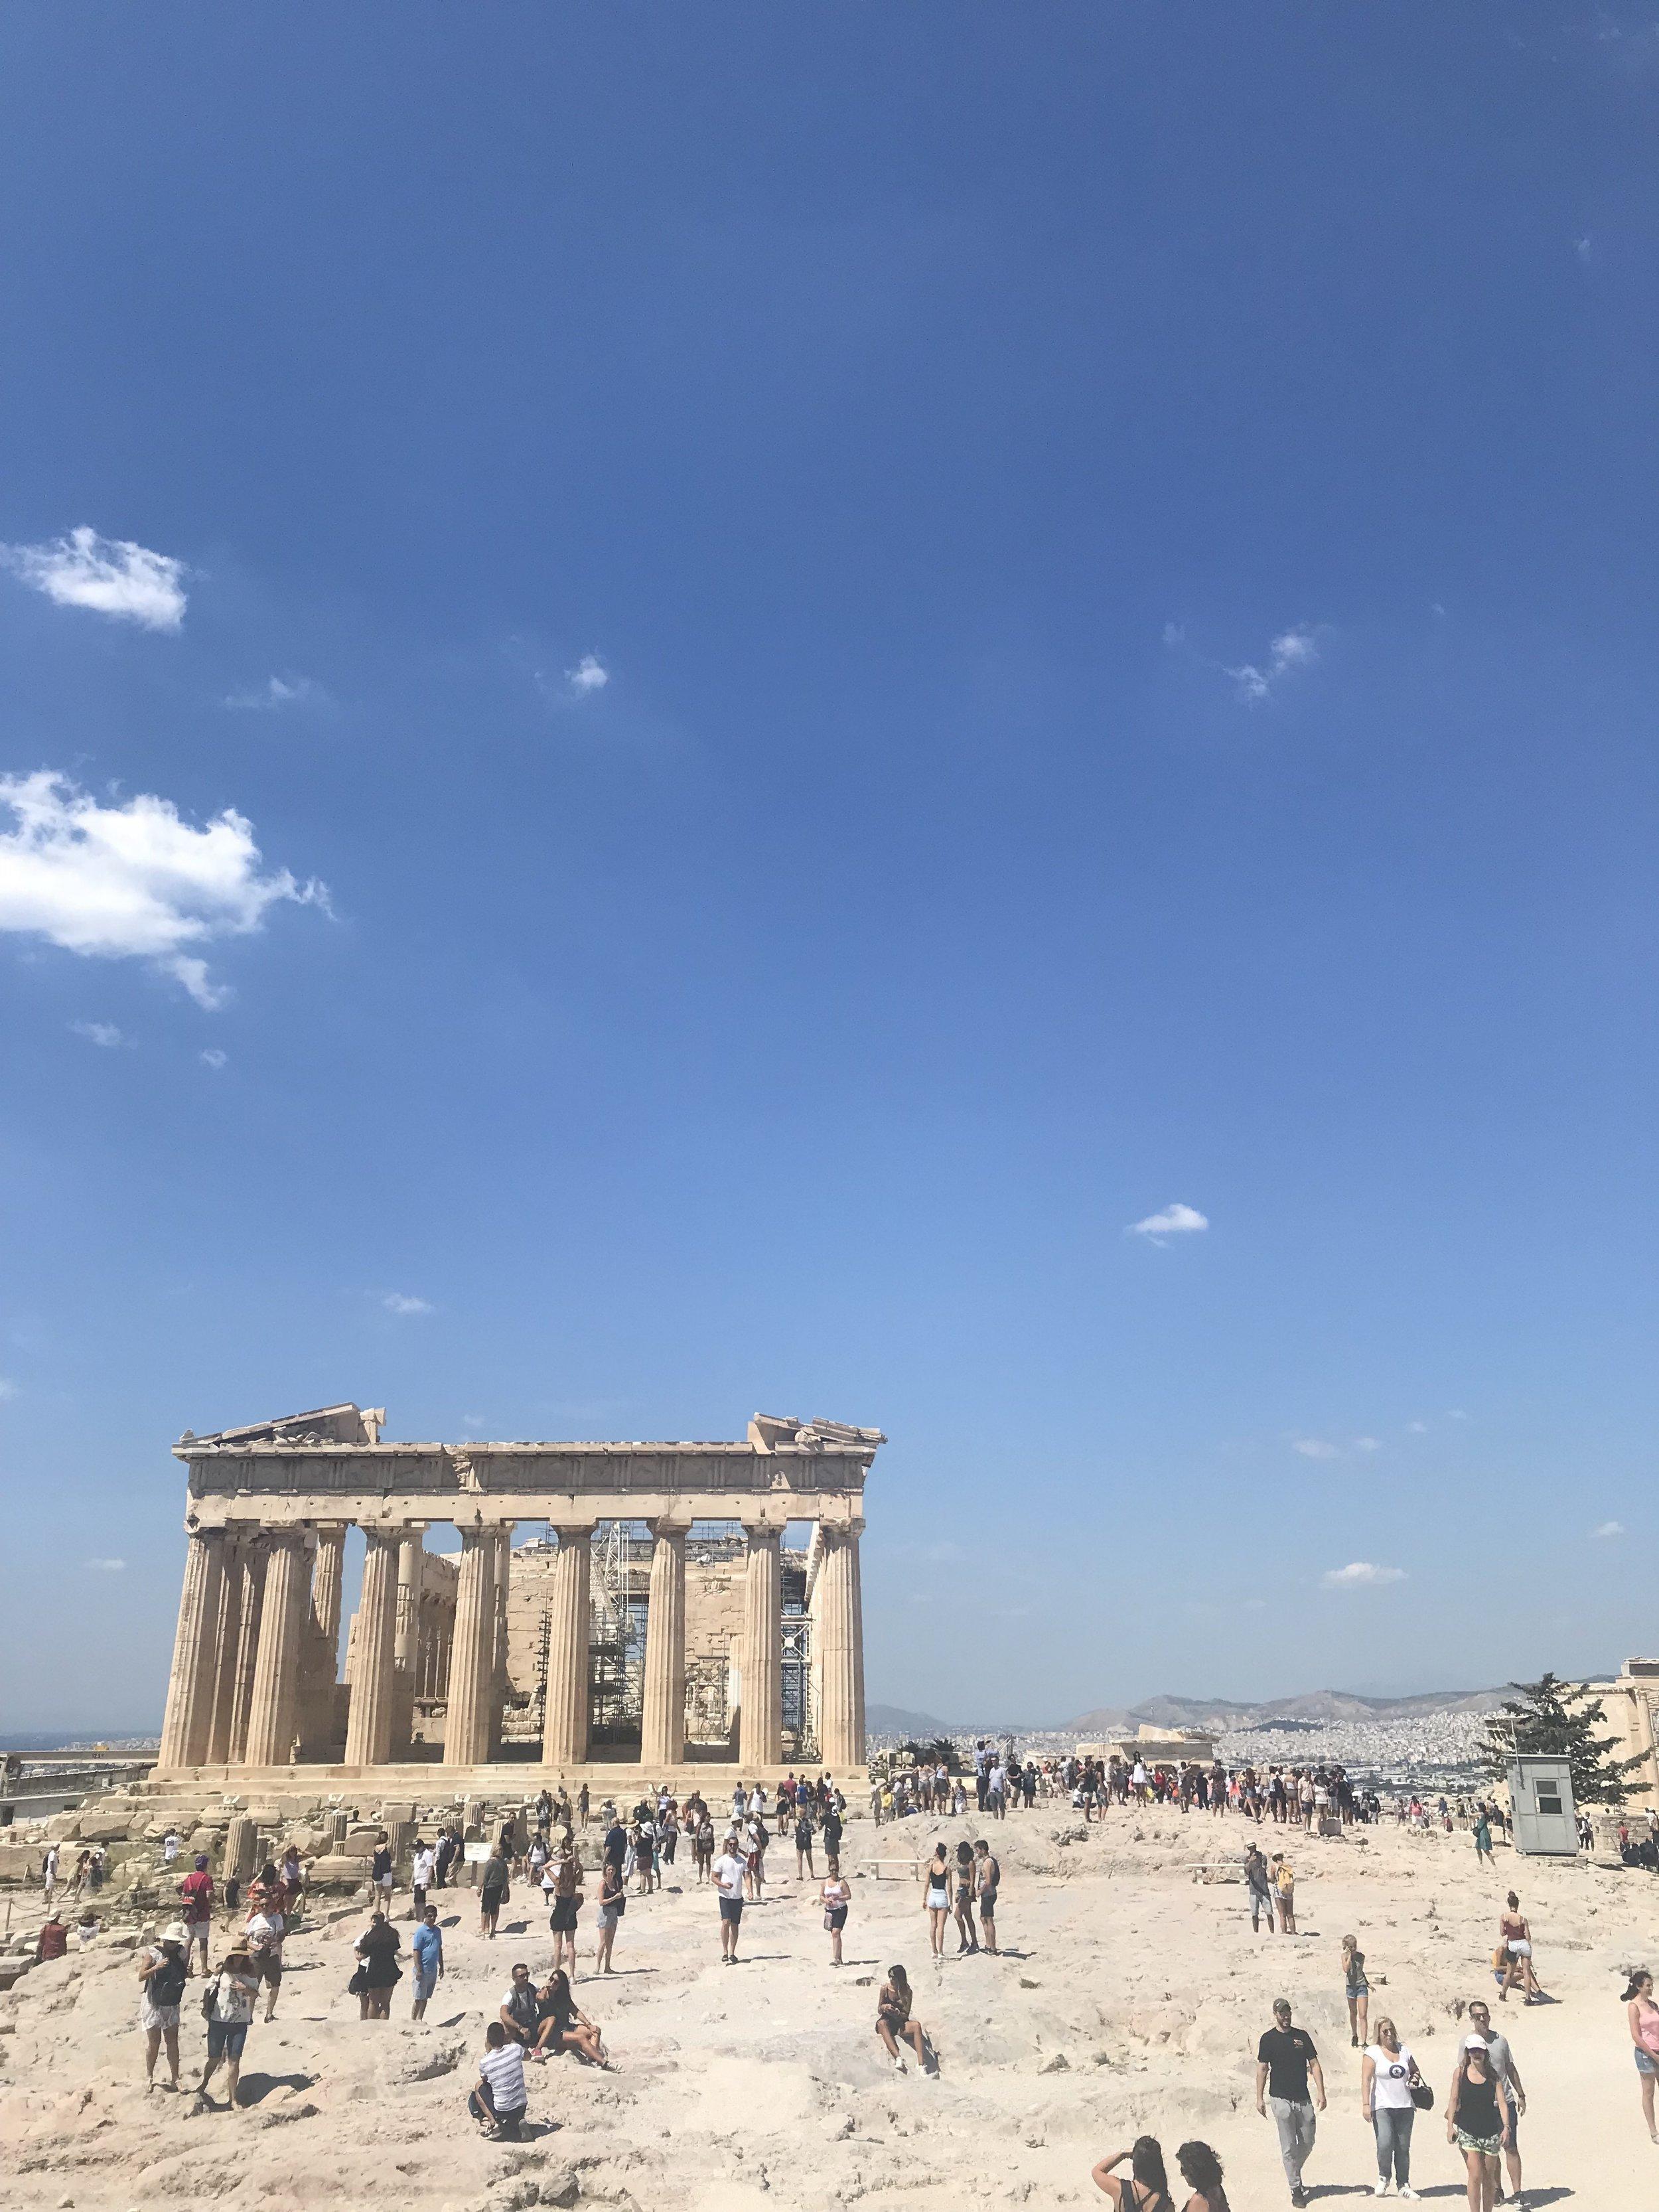 The Parthenon - Acropolis